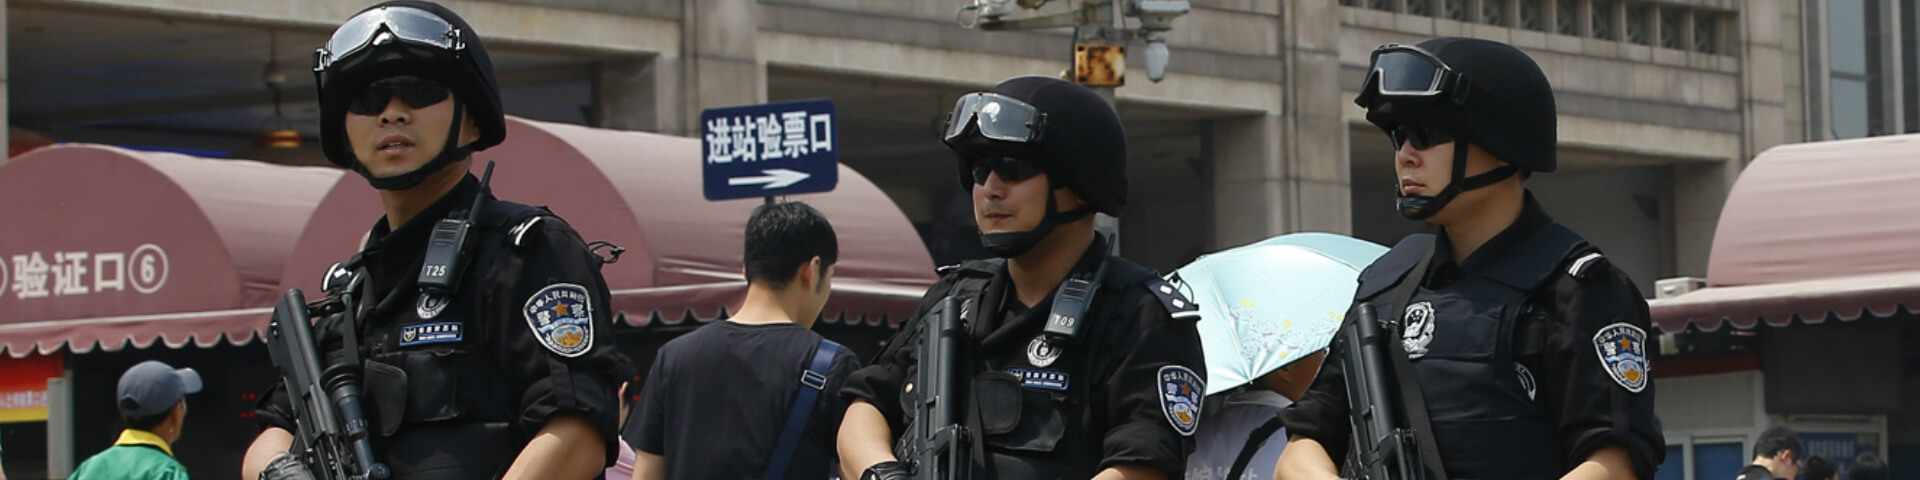 В Китае арестовали 17 человек за организацию незаконных азартных игр